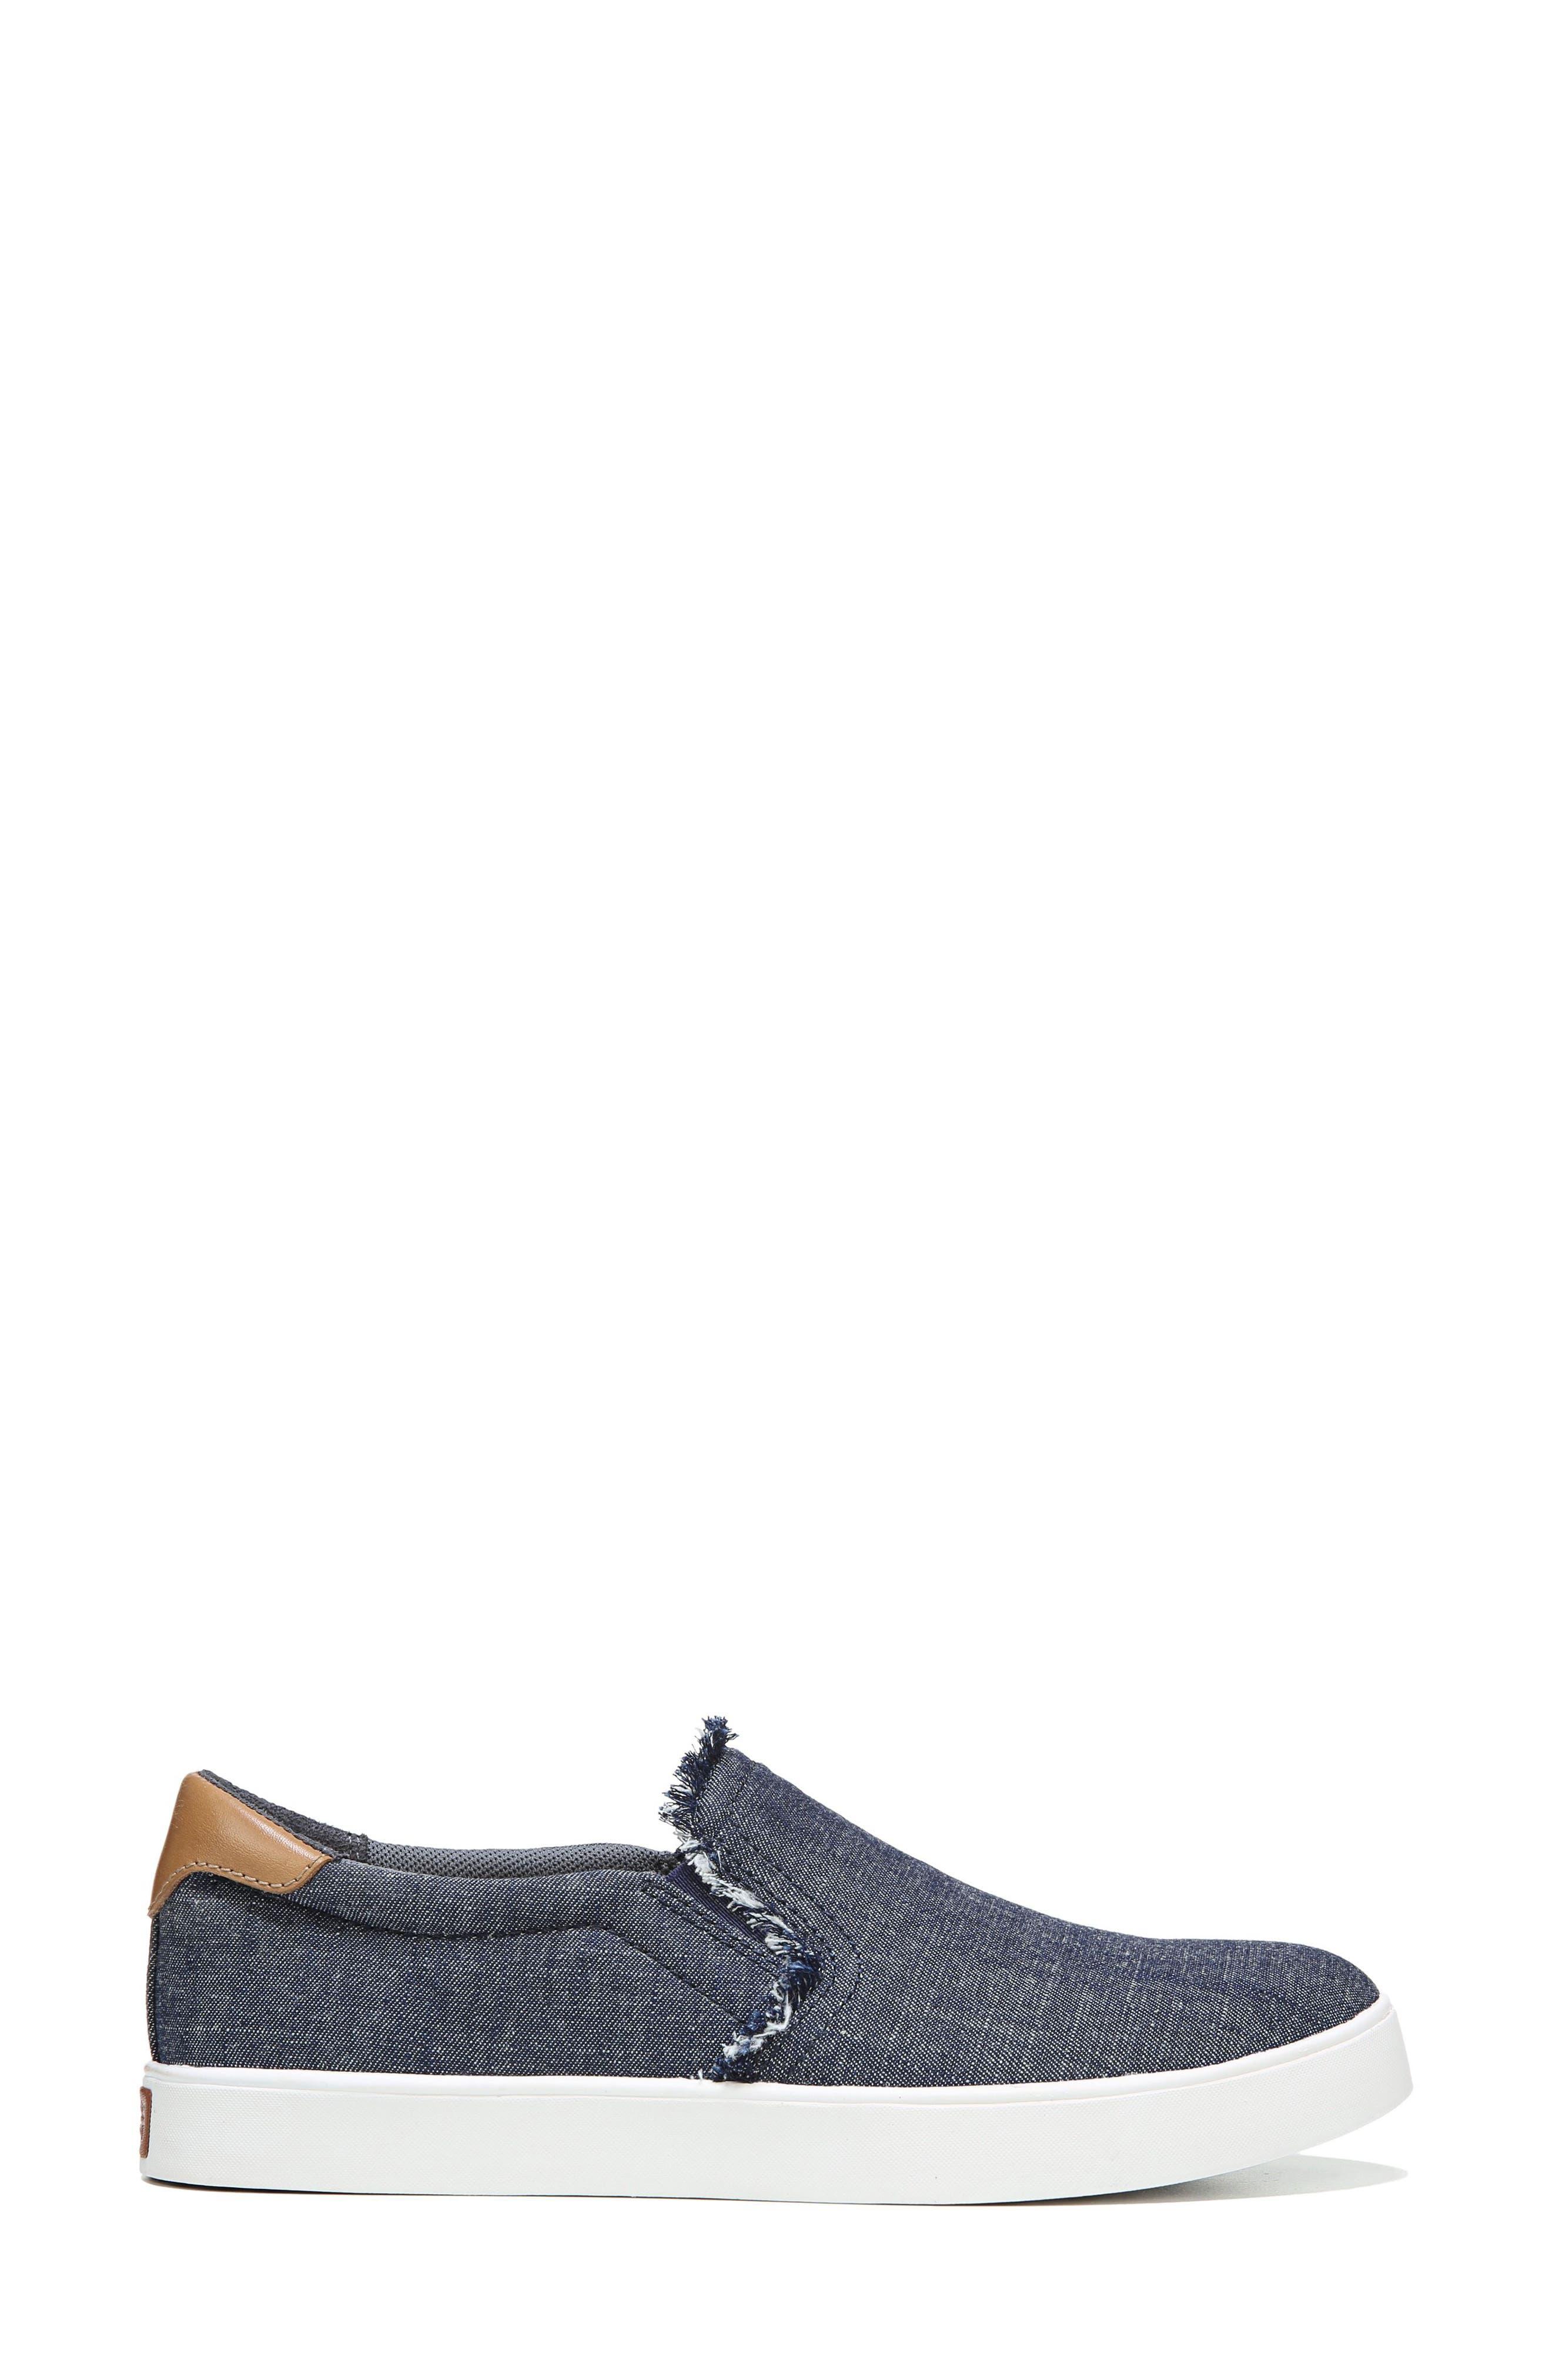 Scout Fray Slip-on Sneaker,                             Alternate thumbnail 3, color,                             400